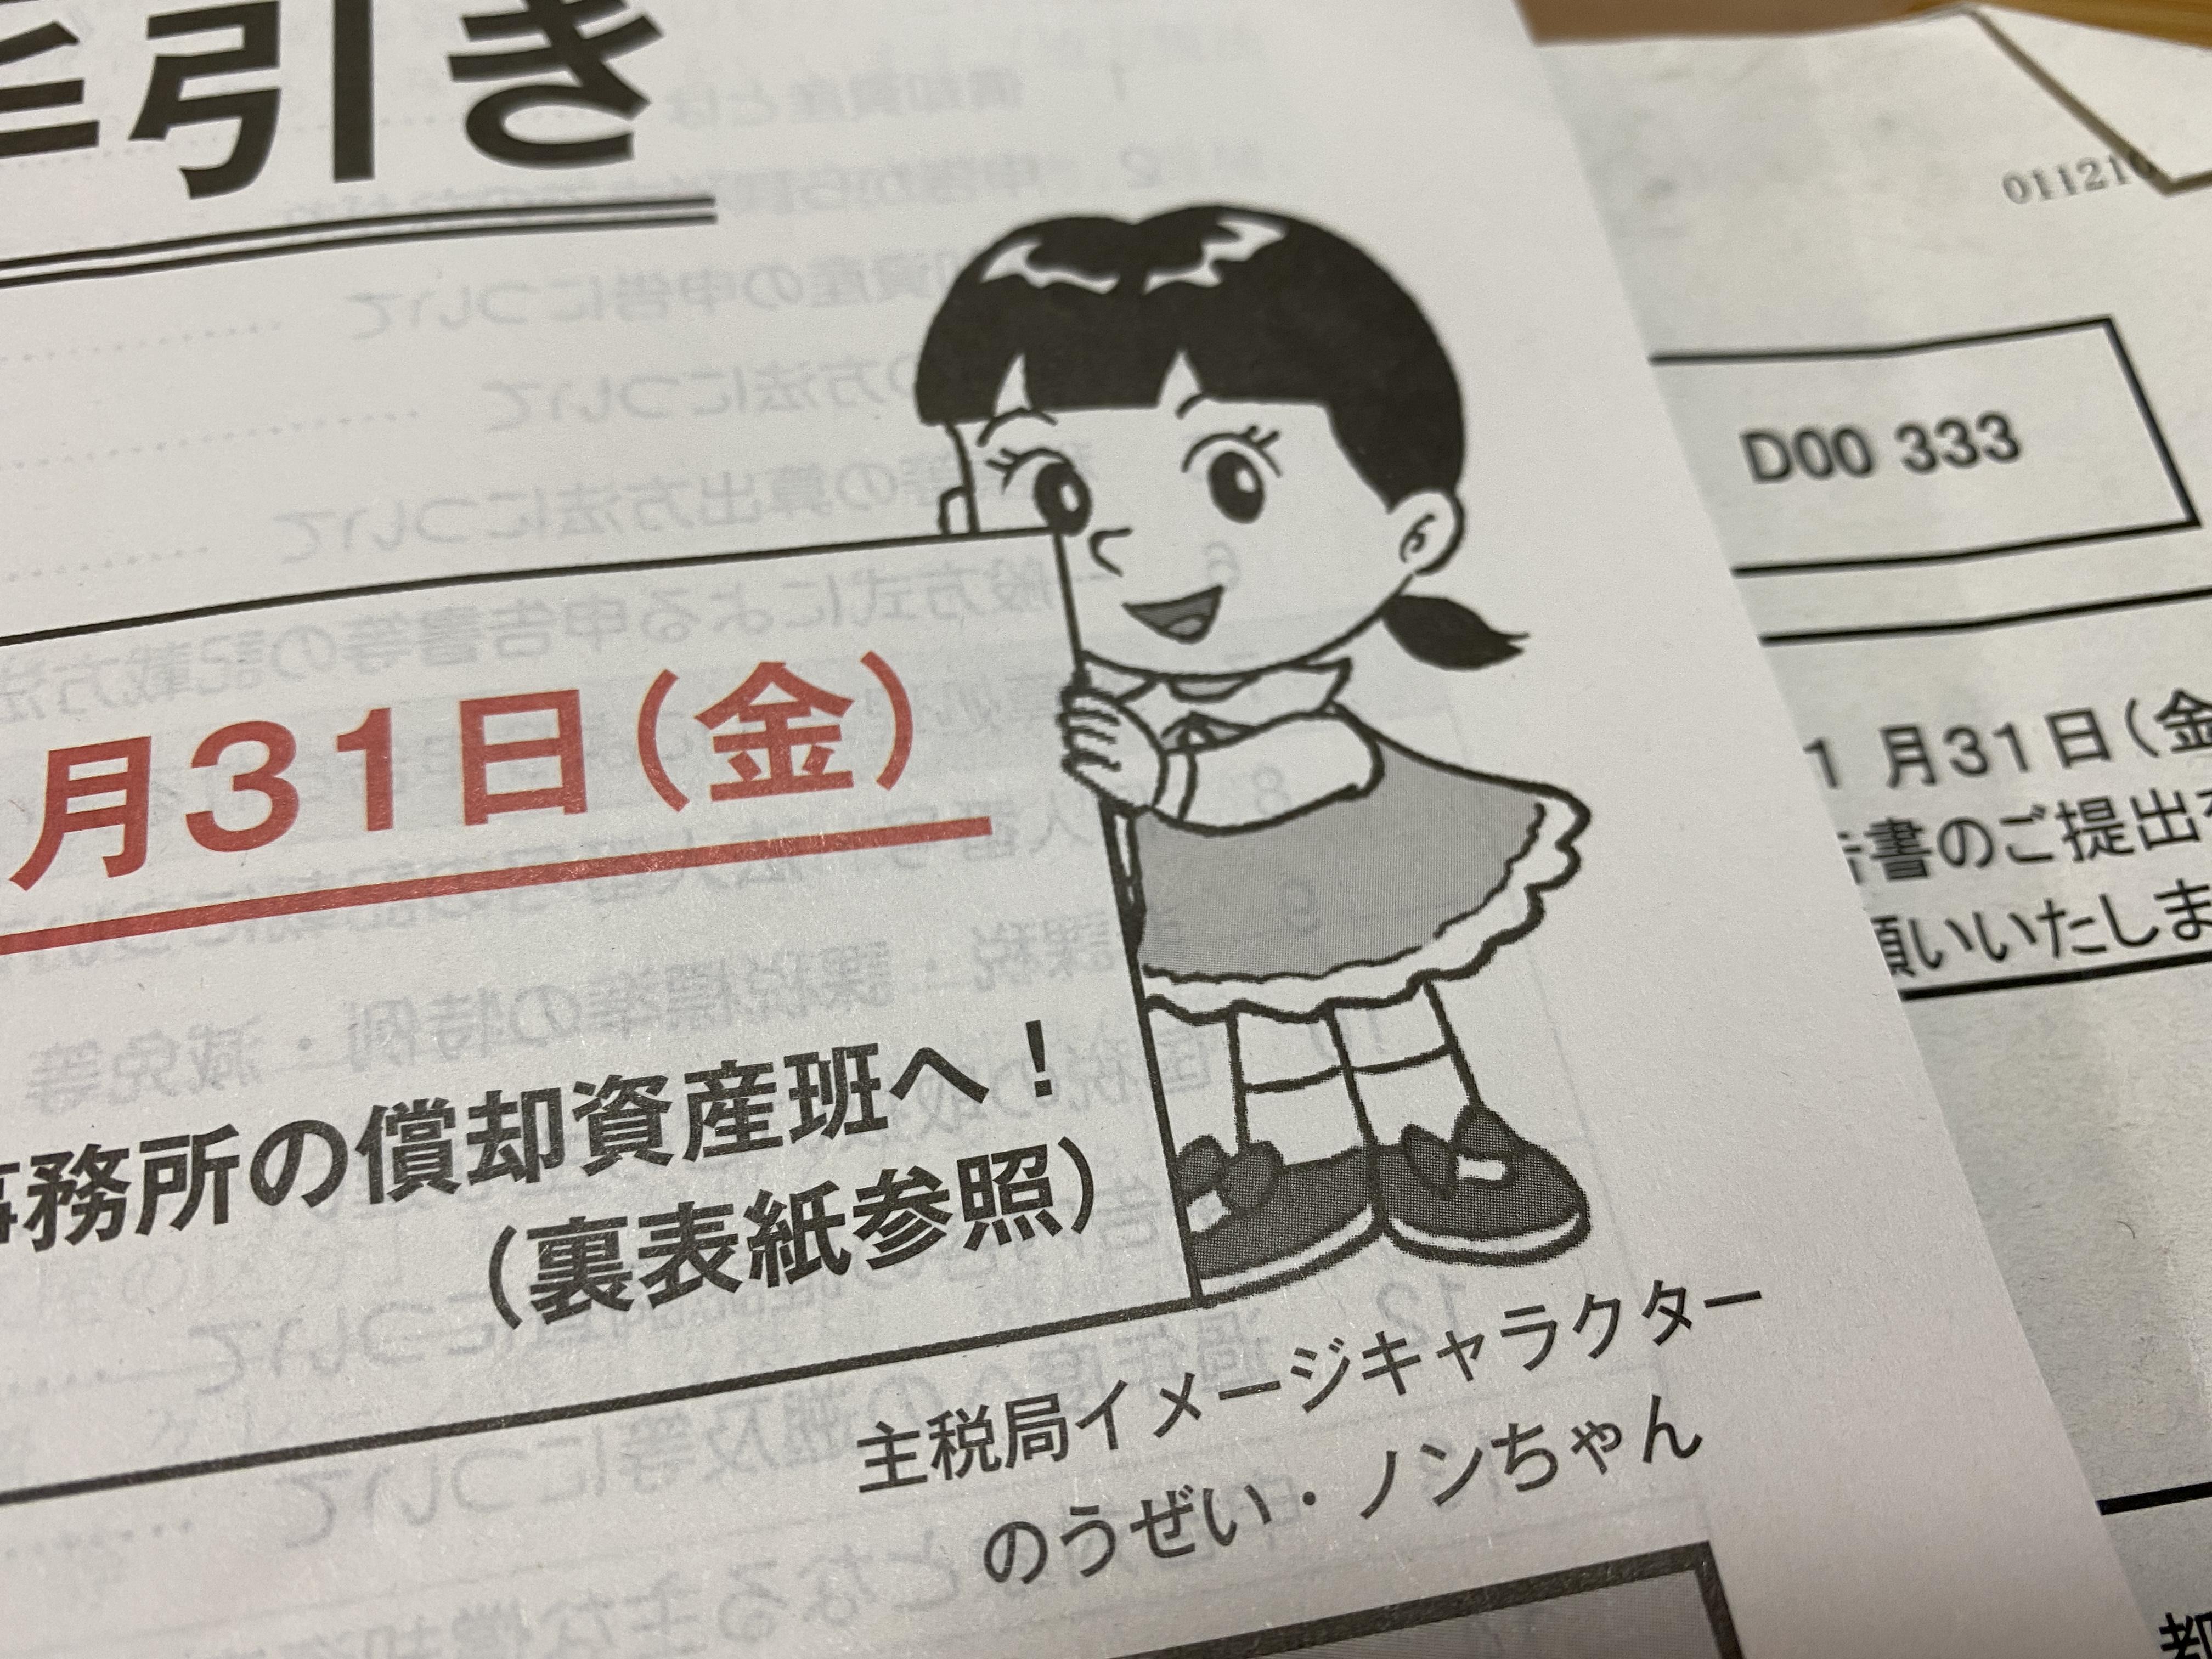 主税局イメージキャラクター のうぜいノンちゃん